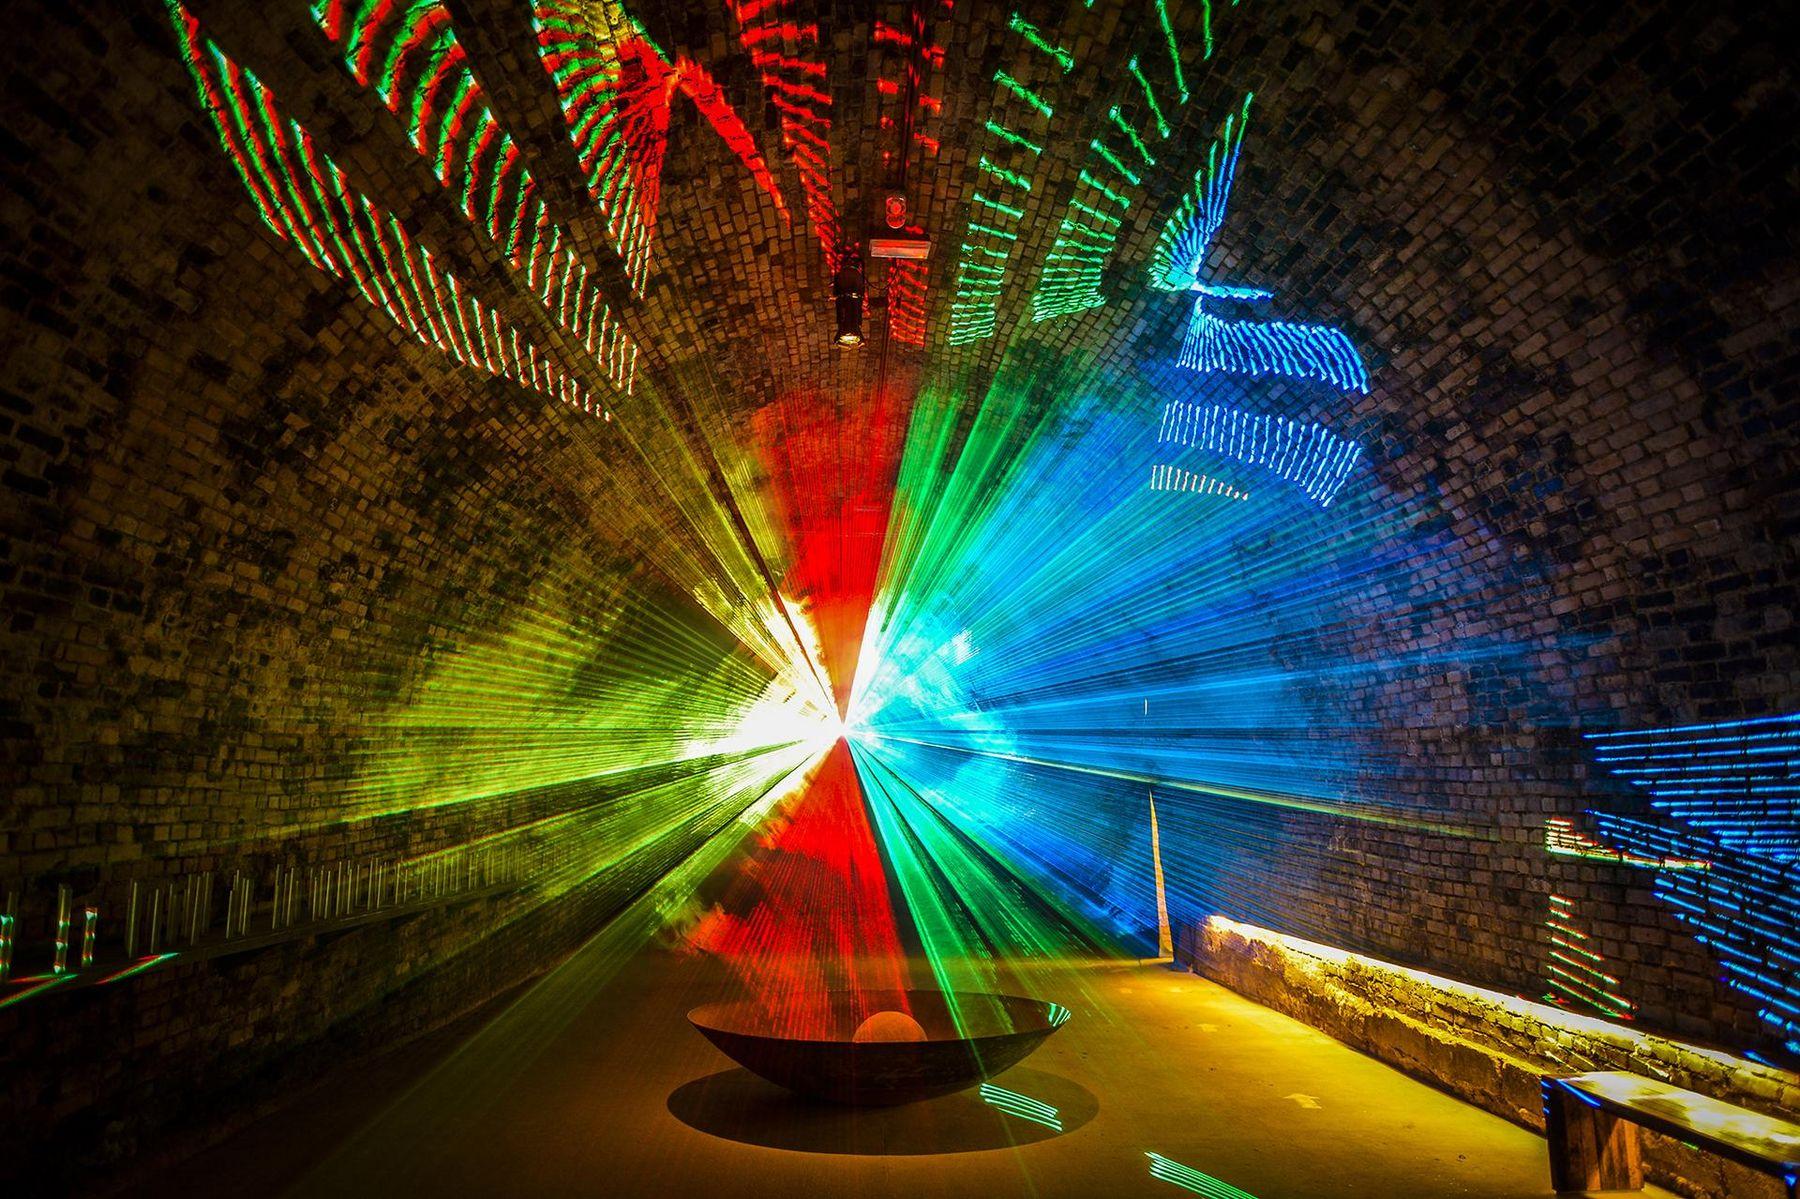 LOISIUM Weinerlebniswelt Lasershow POV Robert Herbst 2